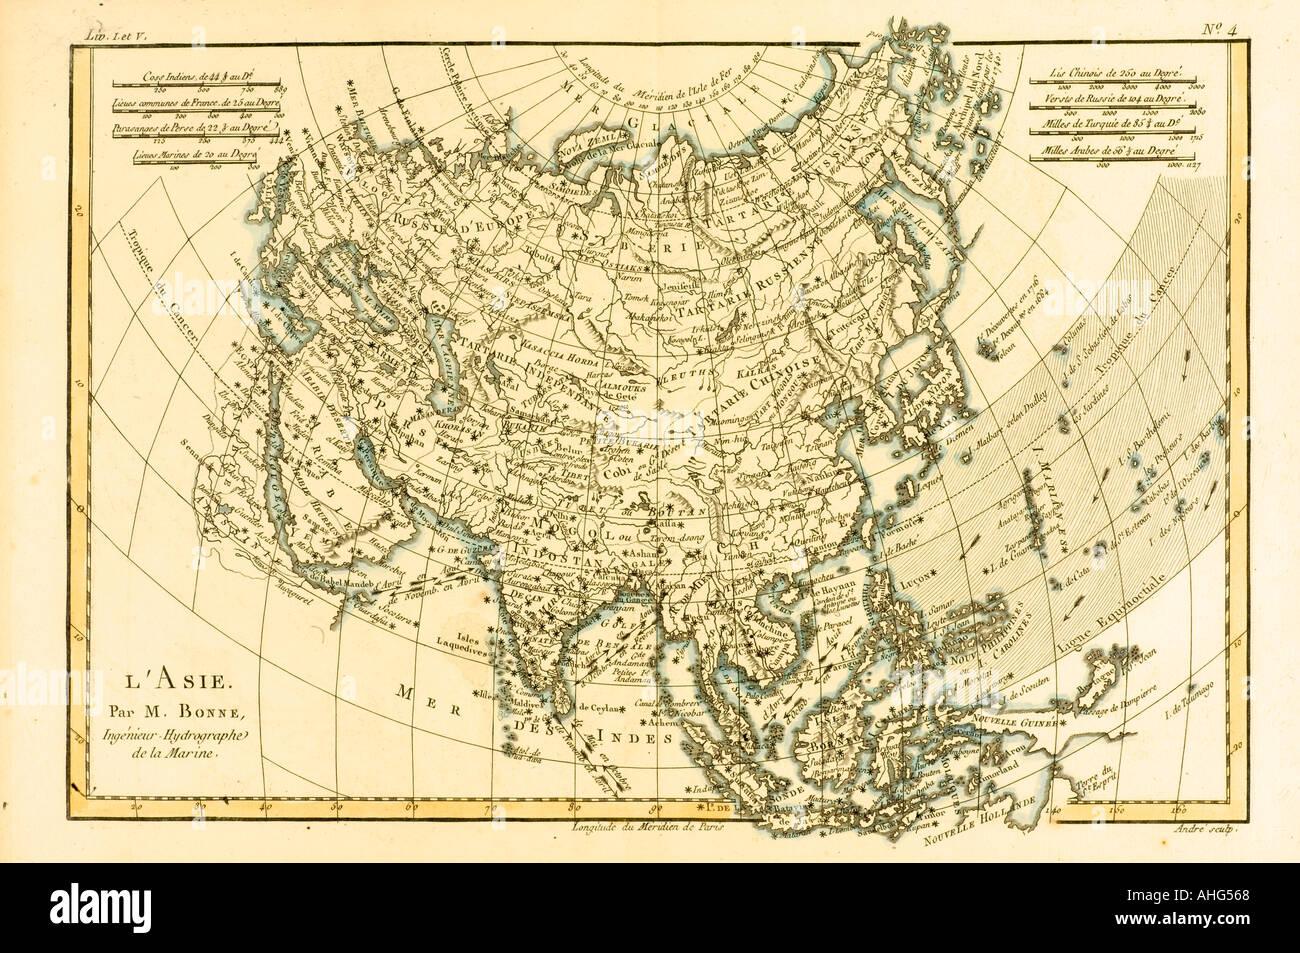 Carte De Toute Lasie.Carte De L Asie Vers 1760 D Atlas De Toutes Les Parties